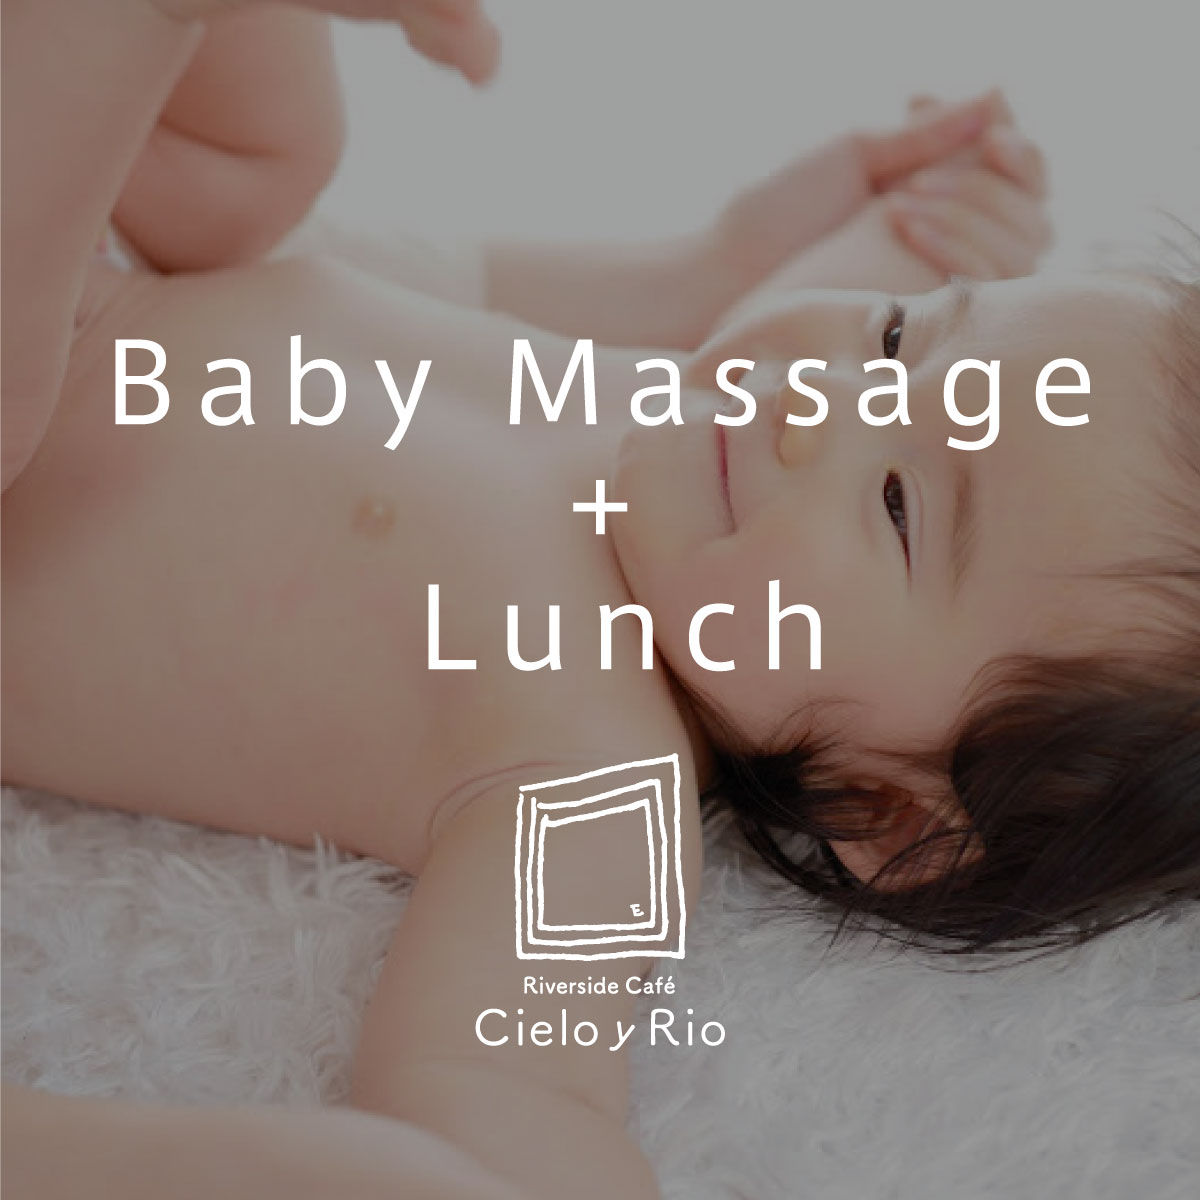 [第2・4金曜日 開催]Baby Massage + Lunch @蔵前Cielo y Rio